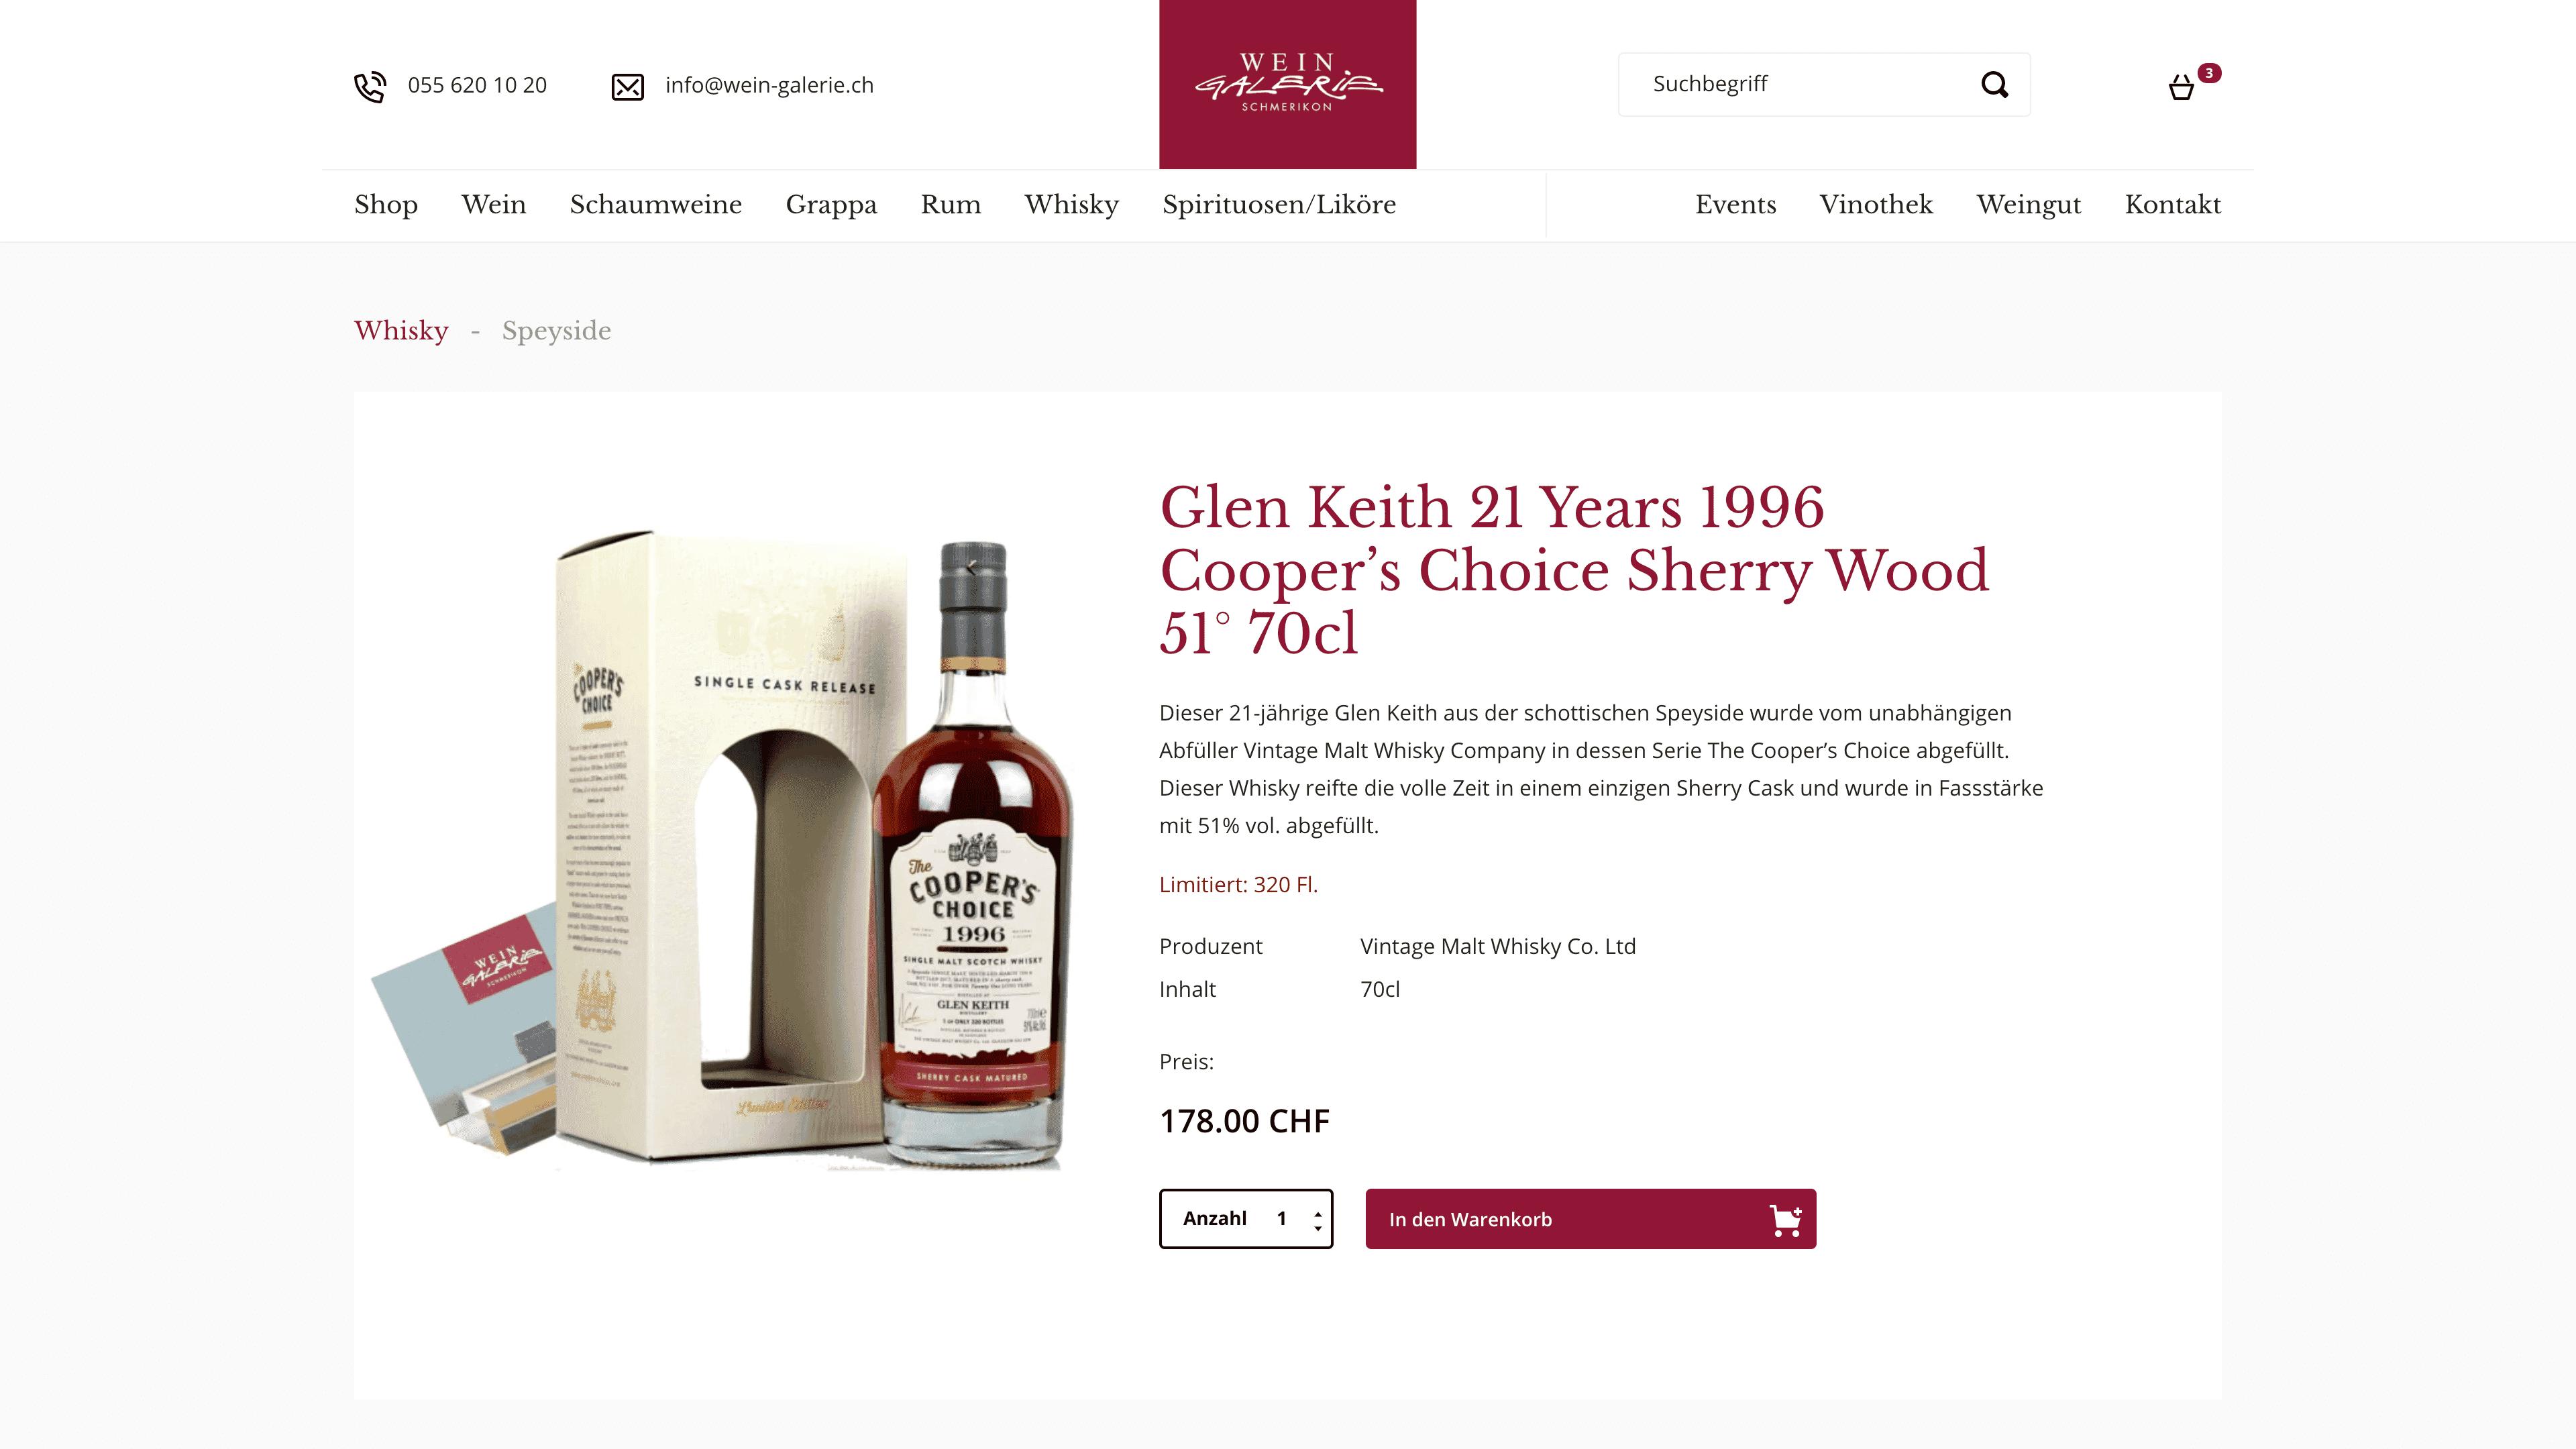 Wein Galerie Schmerikon - Webshop auf Wordpress mit WooCommerce - Webshop Produktansicht